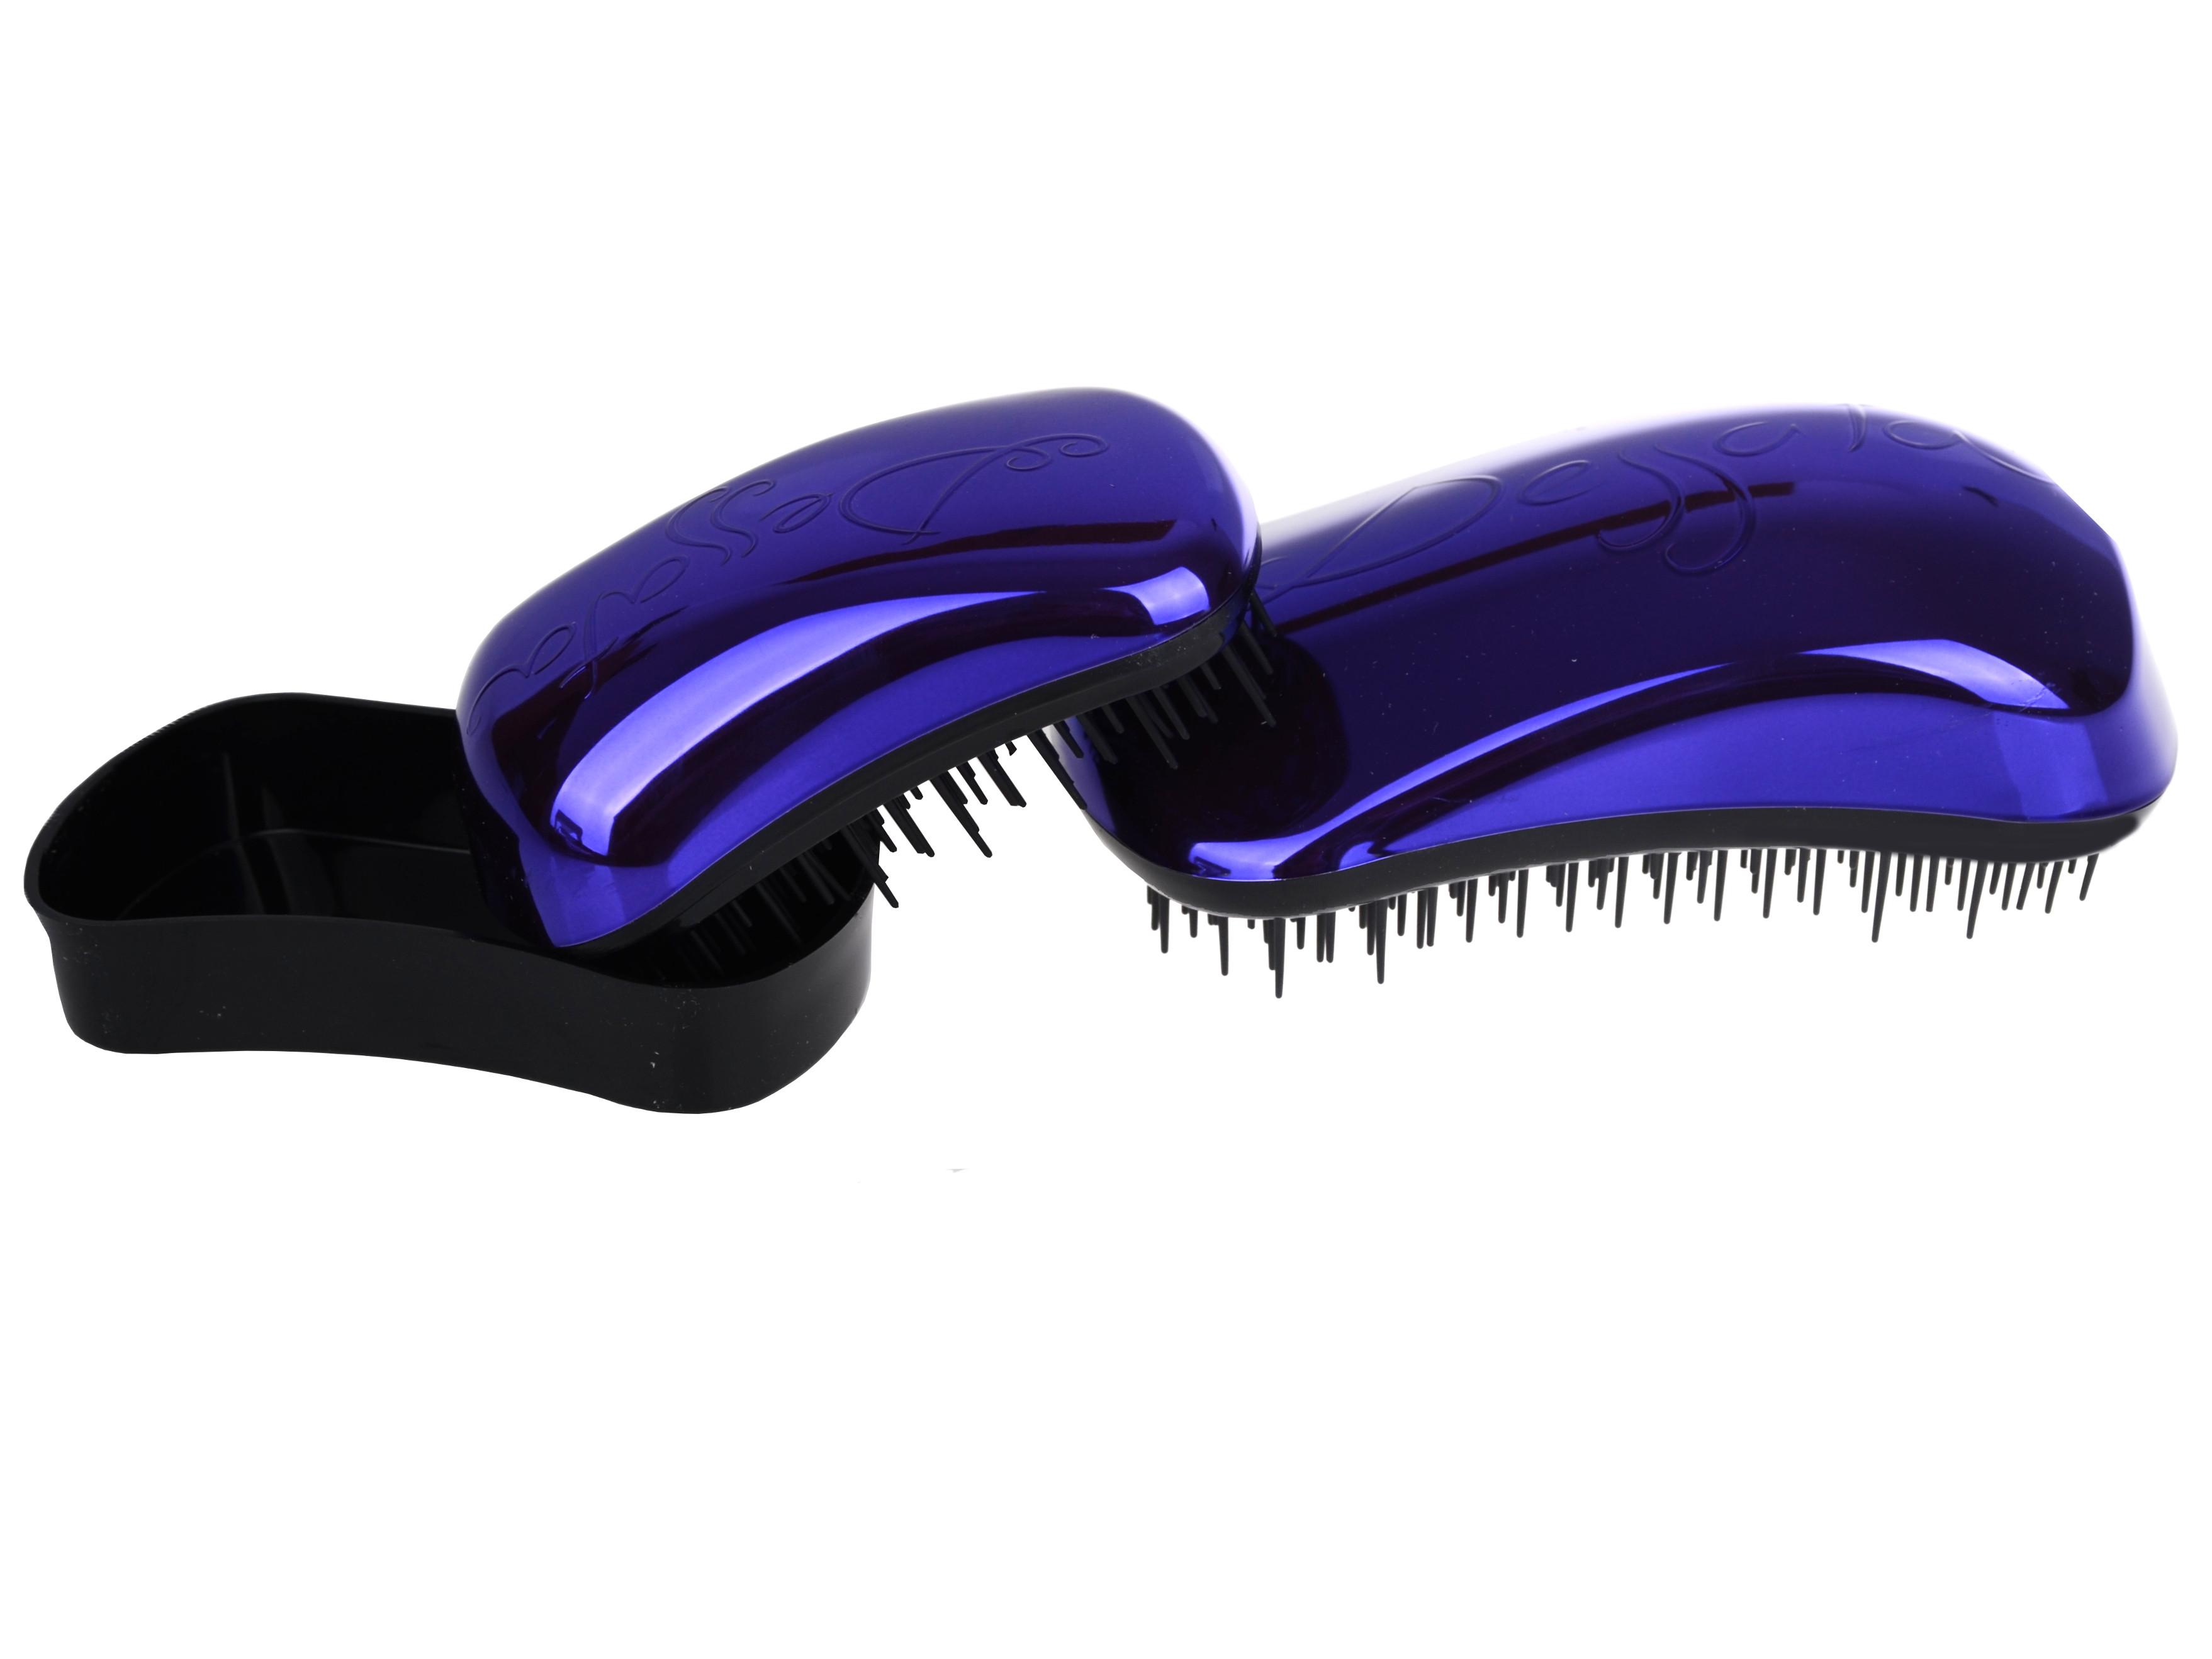 Sada kartáčů na vlasy Dessata Bright Edition - fialová (31106) + DÁREK ZDARMA